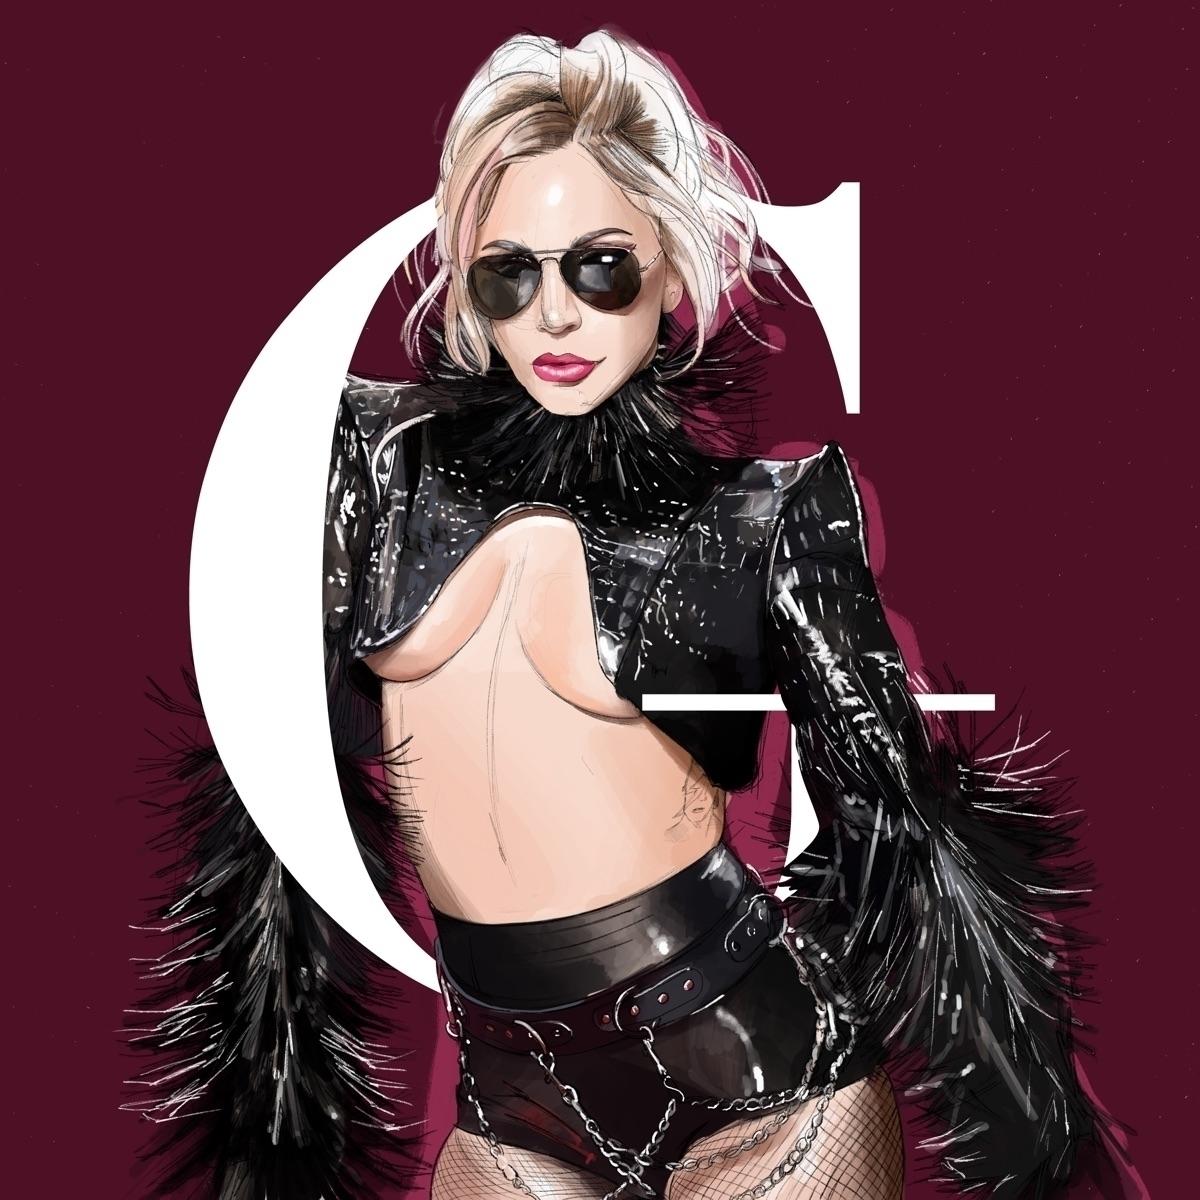 Gaga Illustration - ladygaga, gaga - fmonroyr | ello